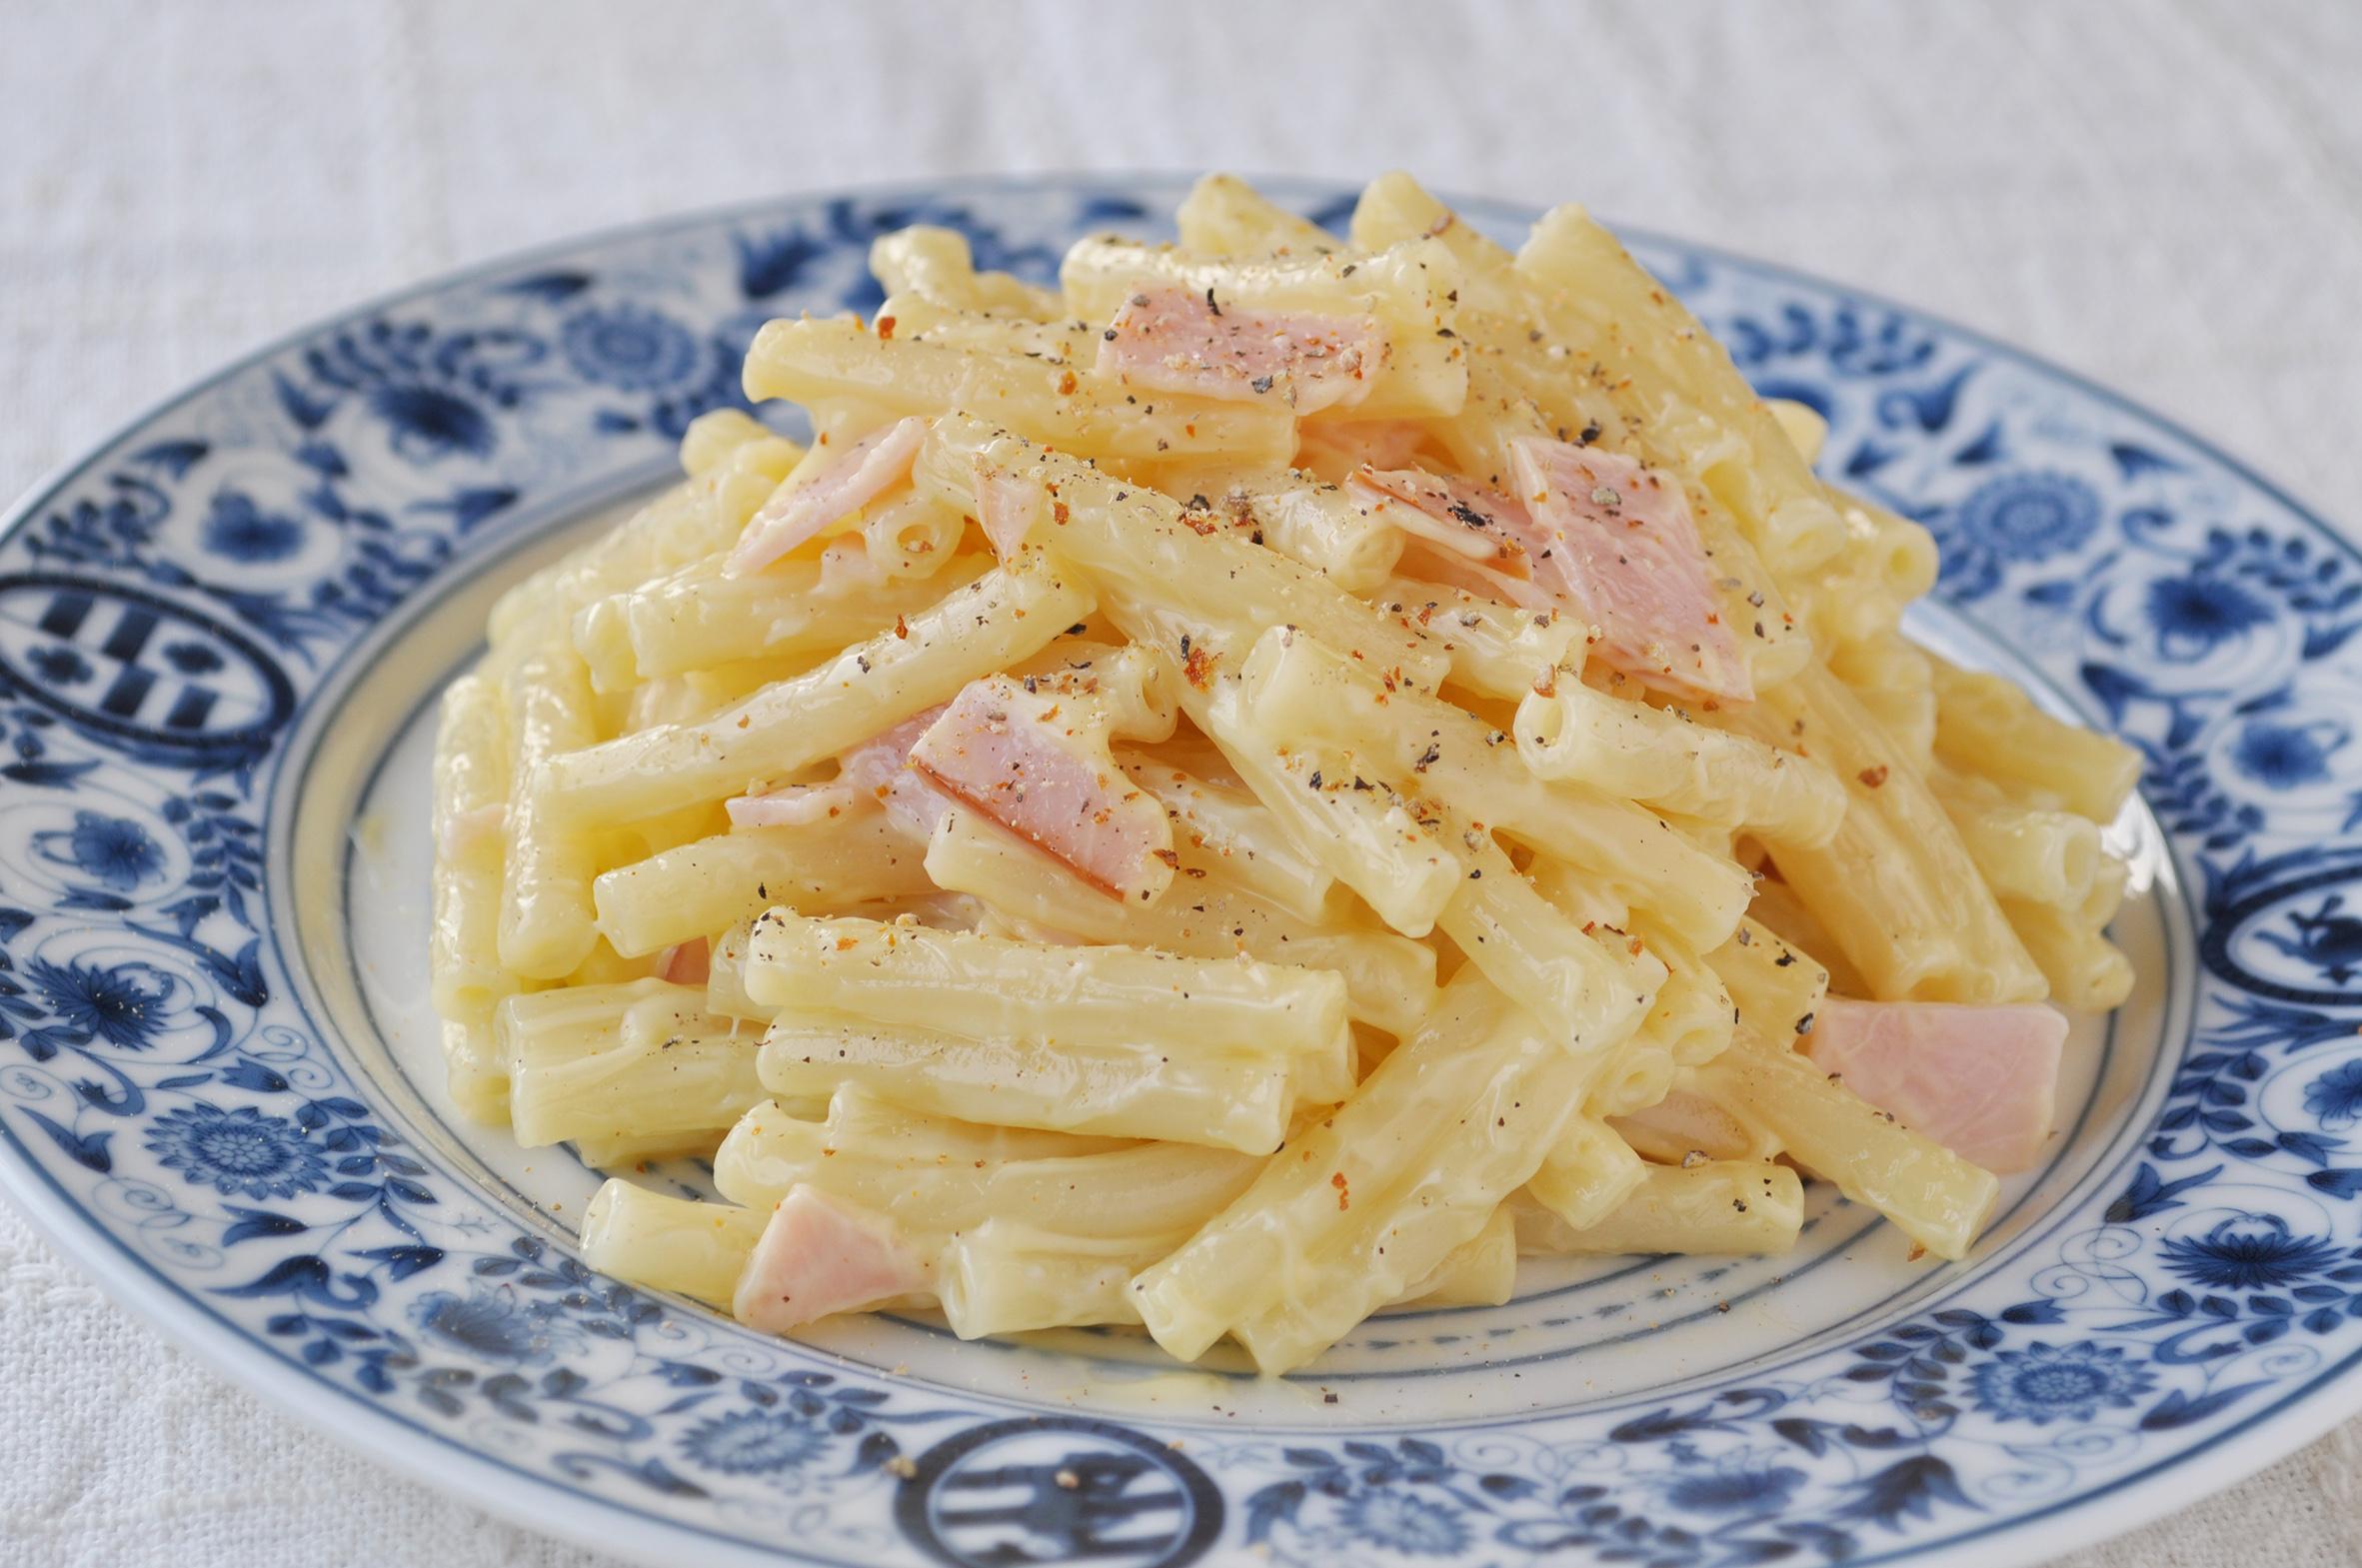 リメイク マカロニ サラダ